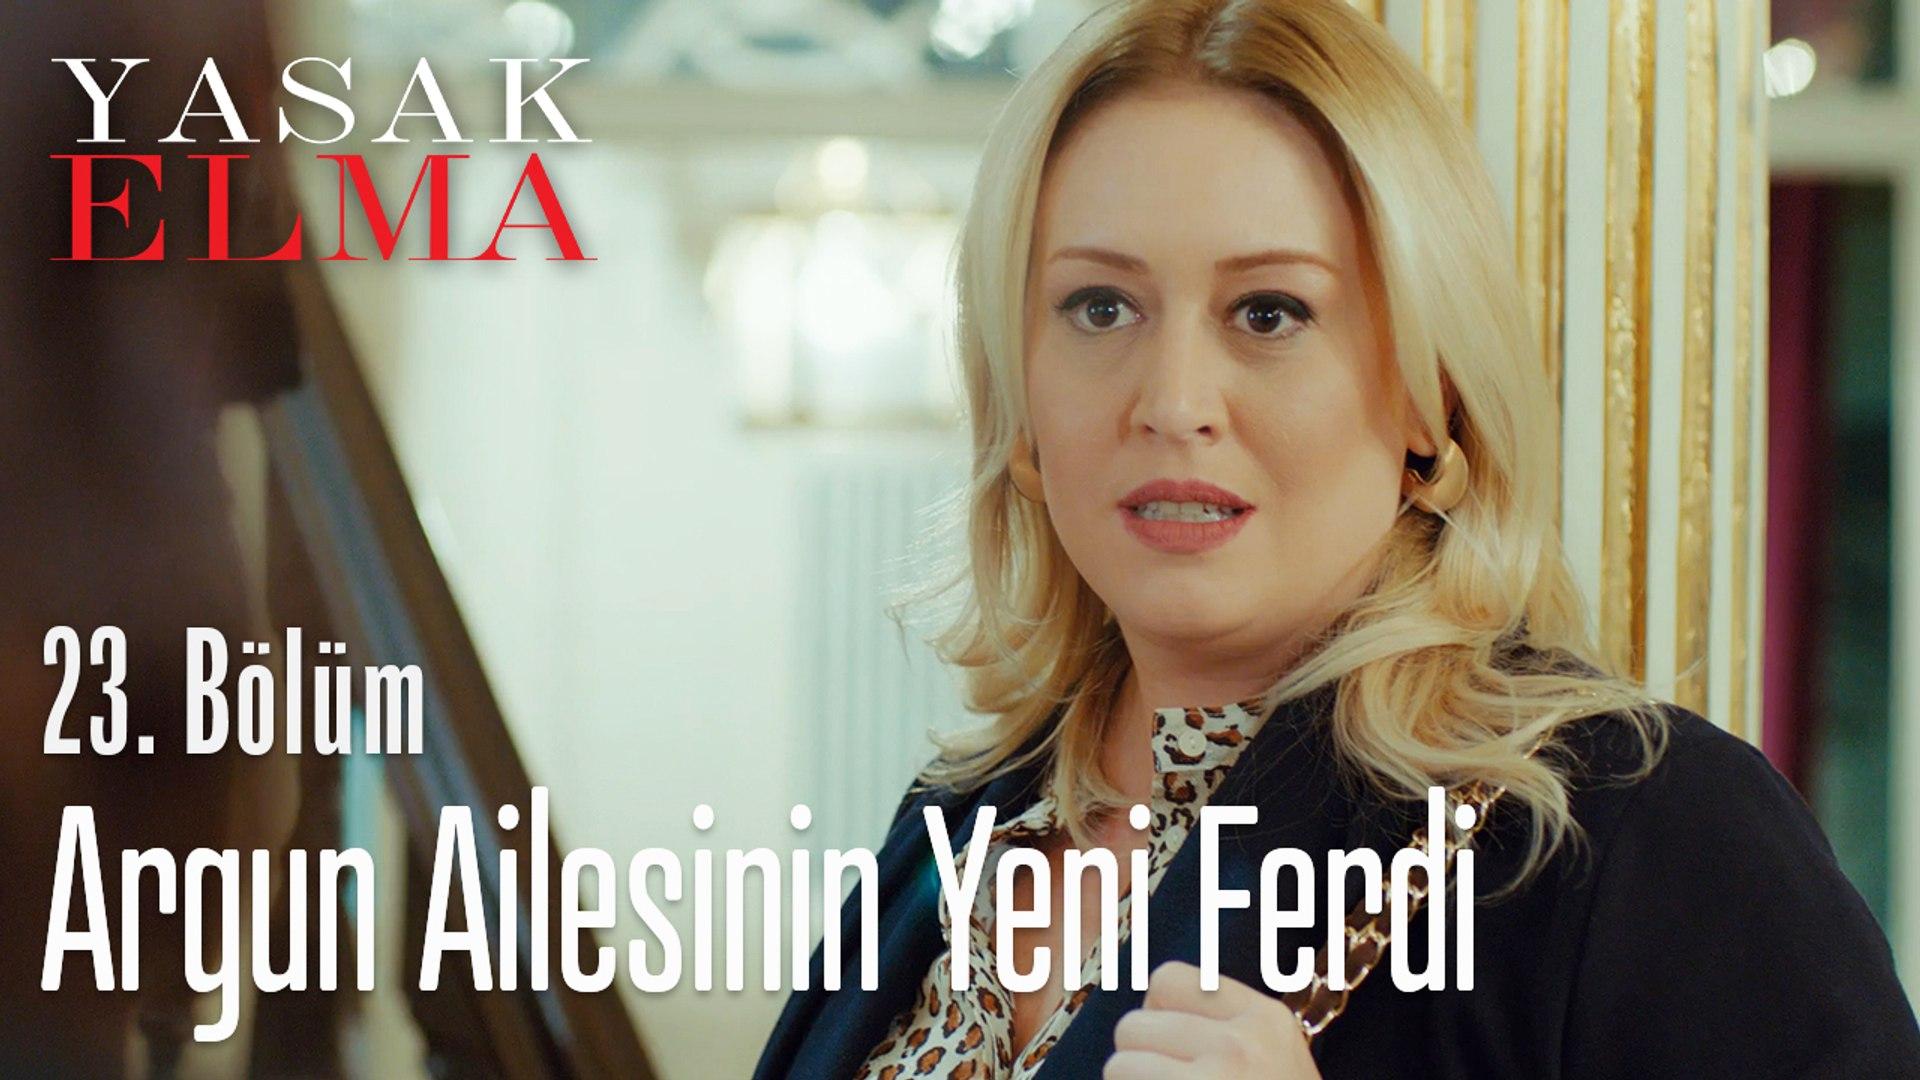 Argun Ailesinin yeni ferdi Asuman - Yasak Elma 23. Bölüm